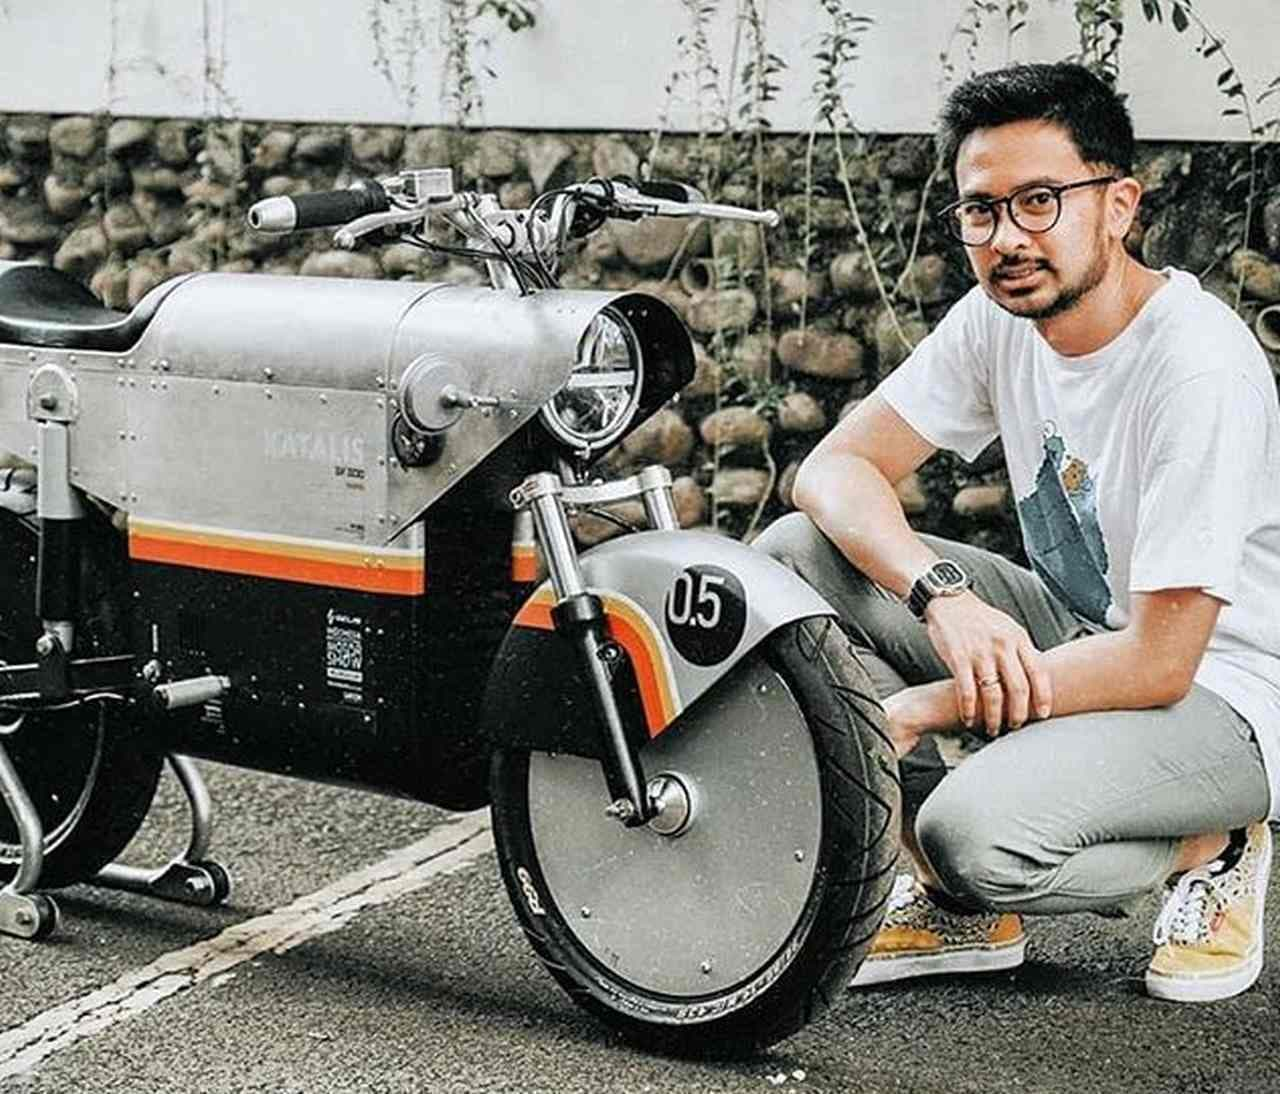 日本のアニメっぽいキャラで紹介する電動バイク KATALIS「EV.500」